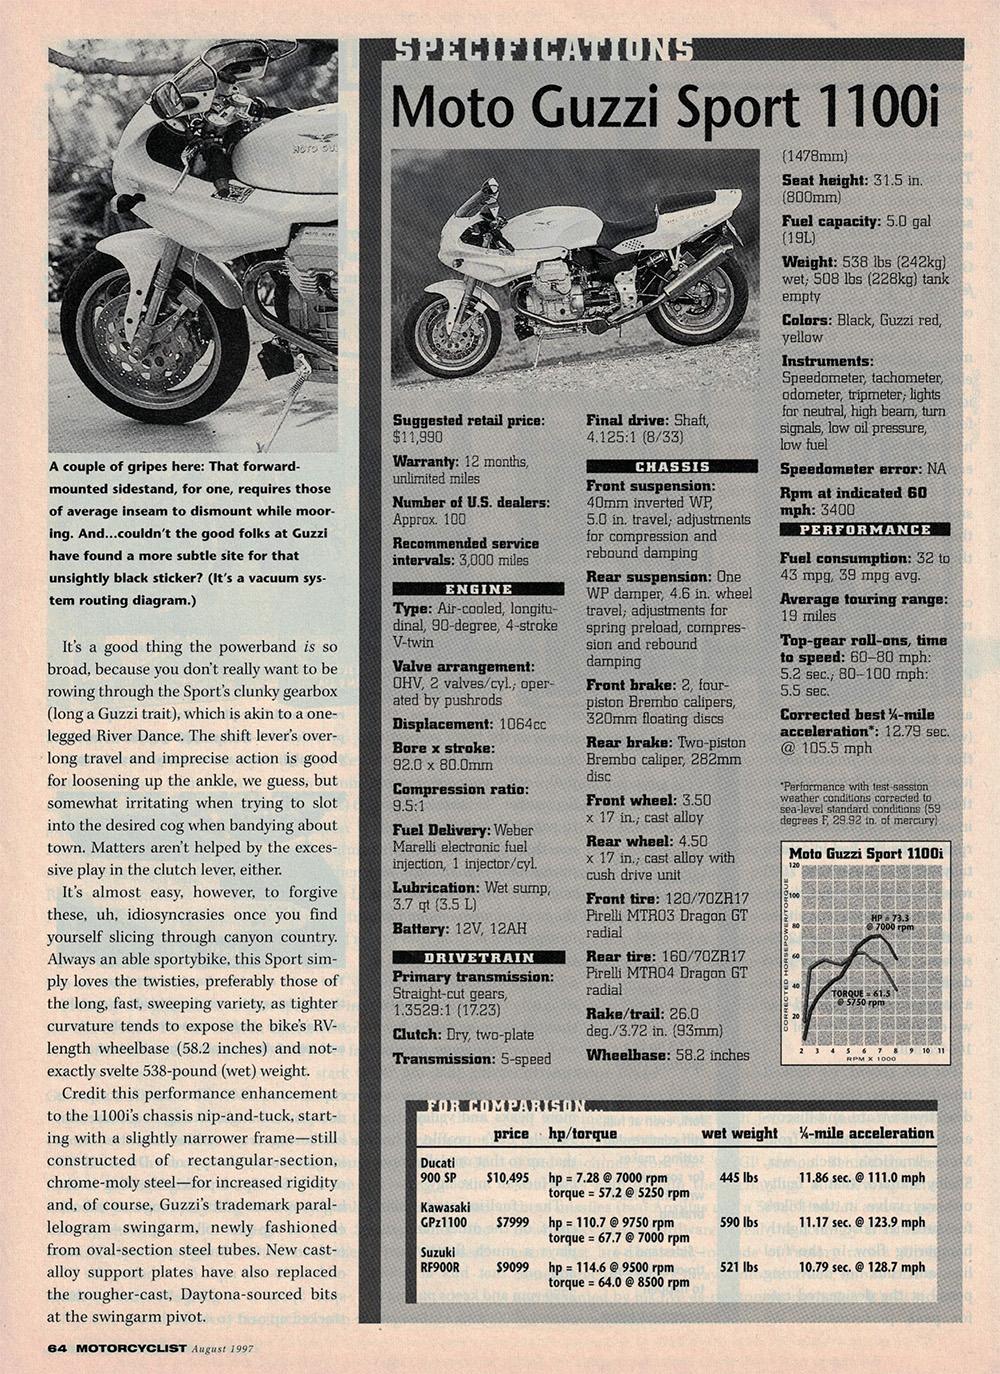 1997 Moto Guzzi Sport 1100i road test 4.jpg